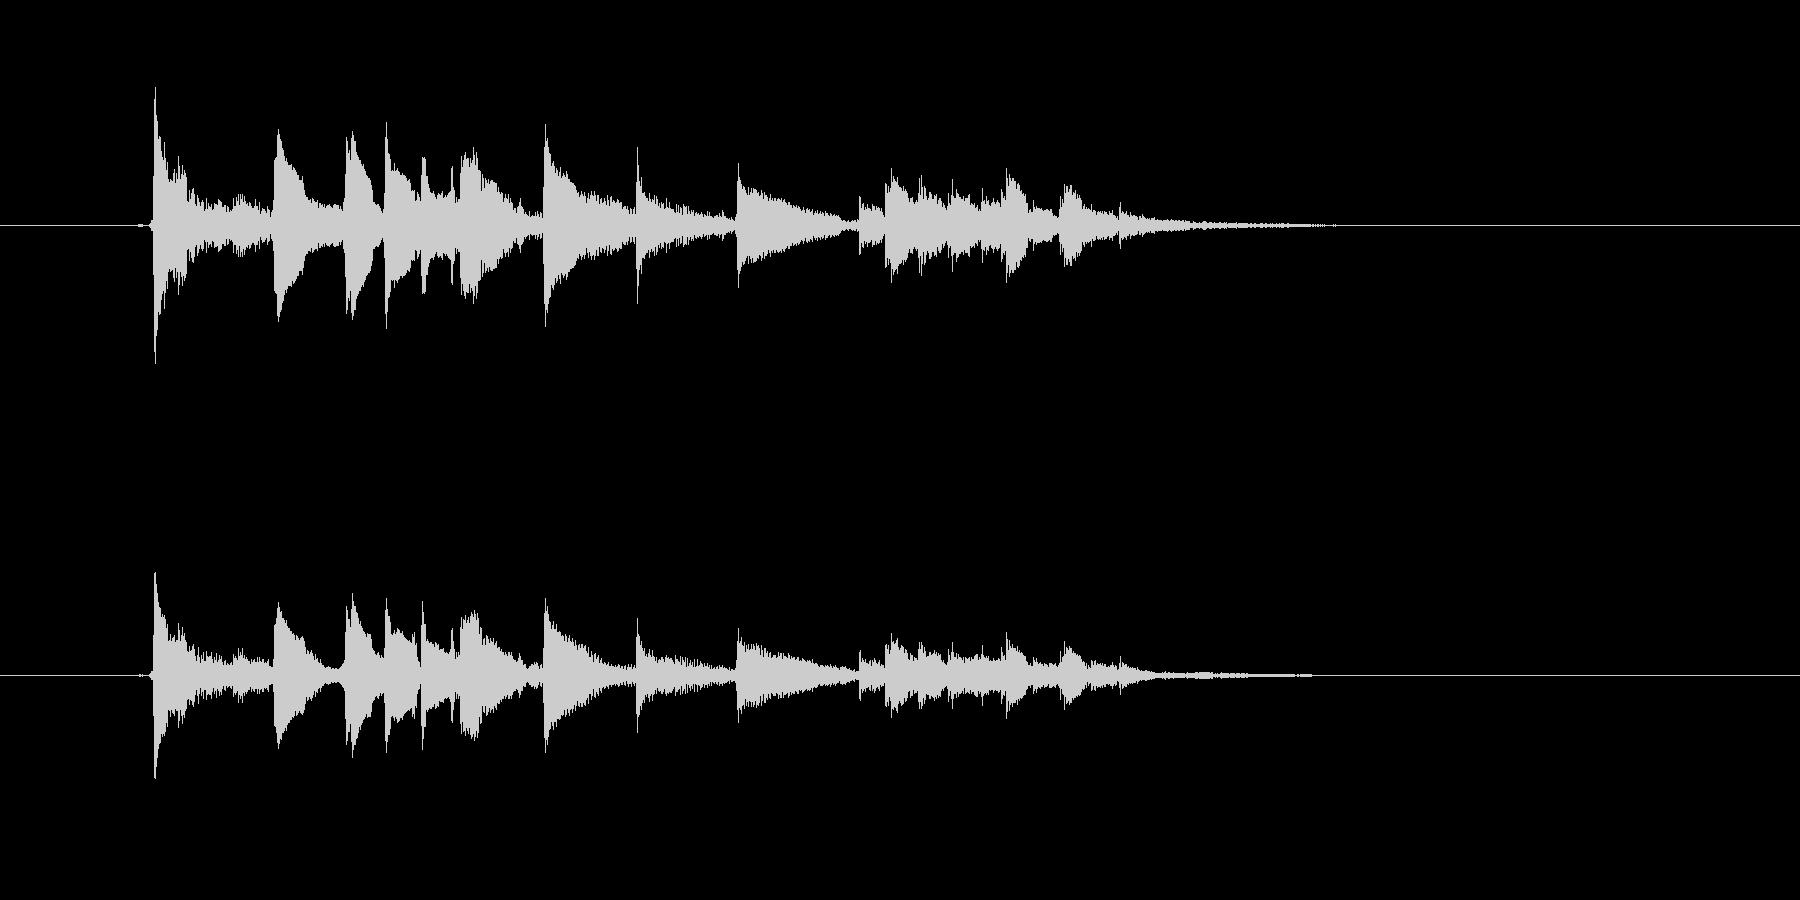 美しいギター音(弦、弾く)の未再生の波形